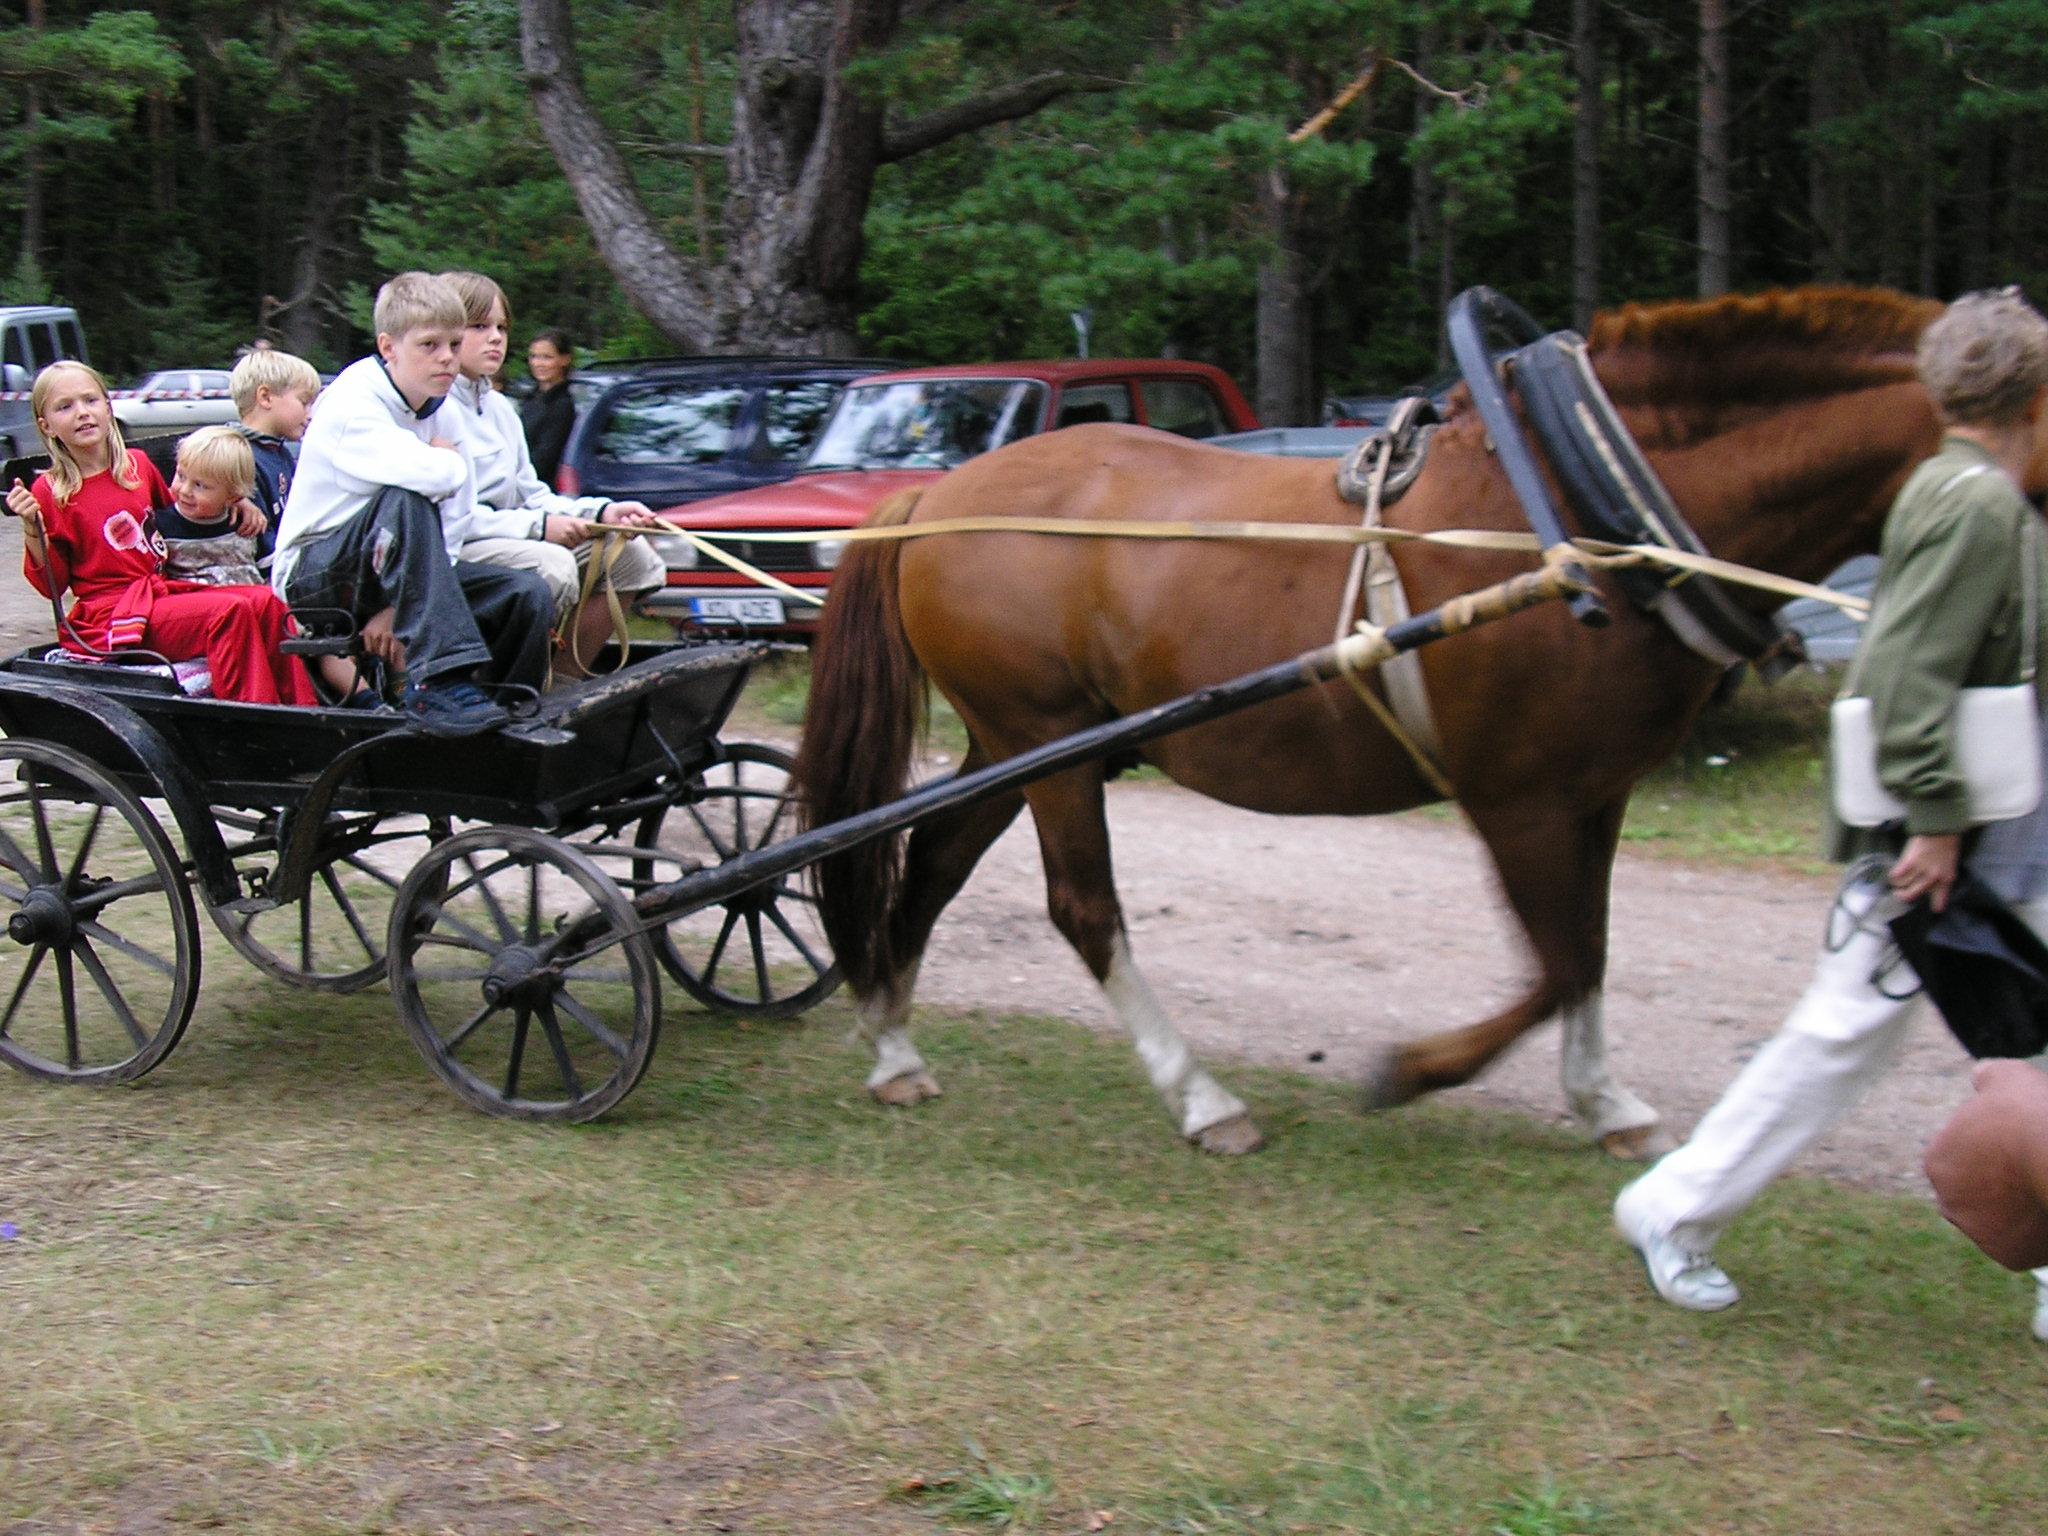 Laasi_Heino_sõidutas_lapsi_hobusega.JPG